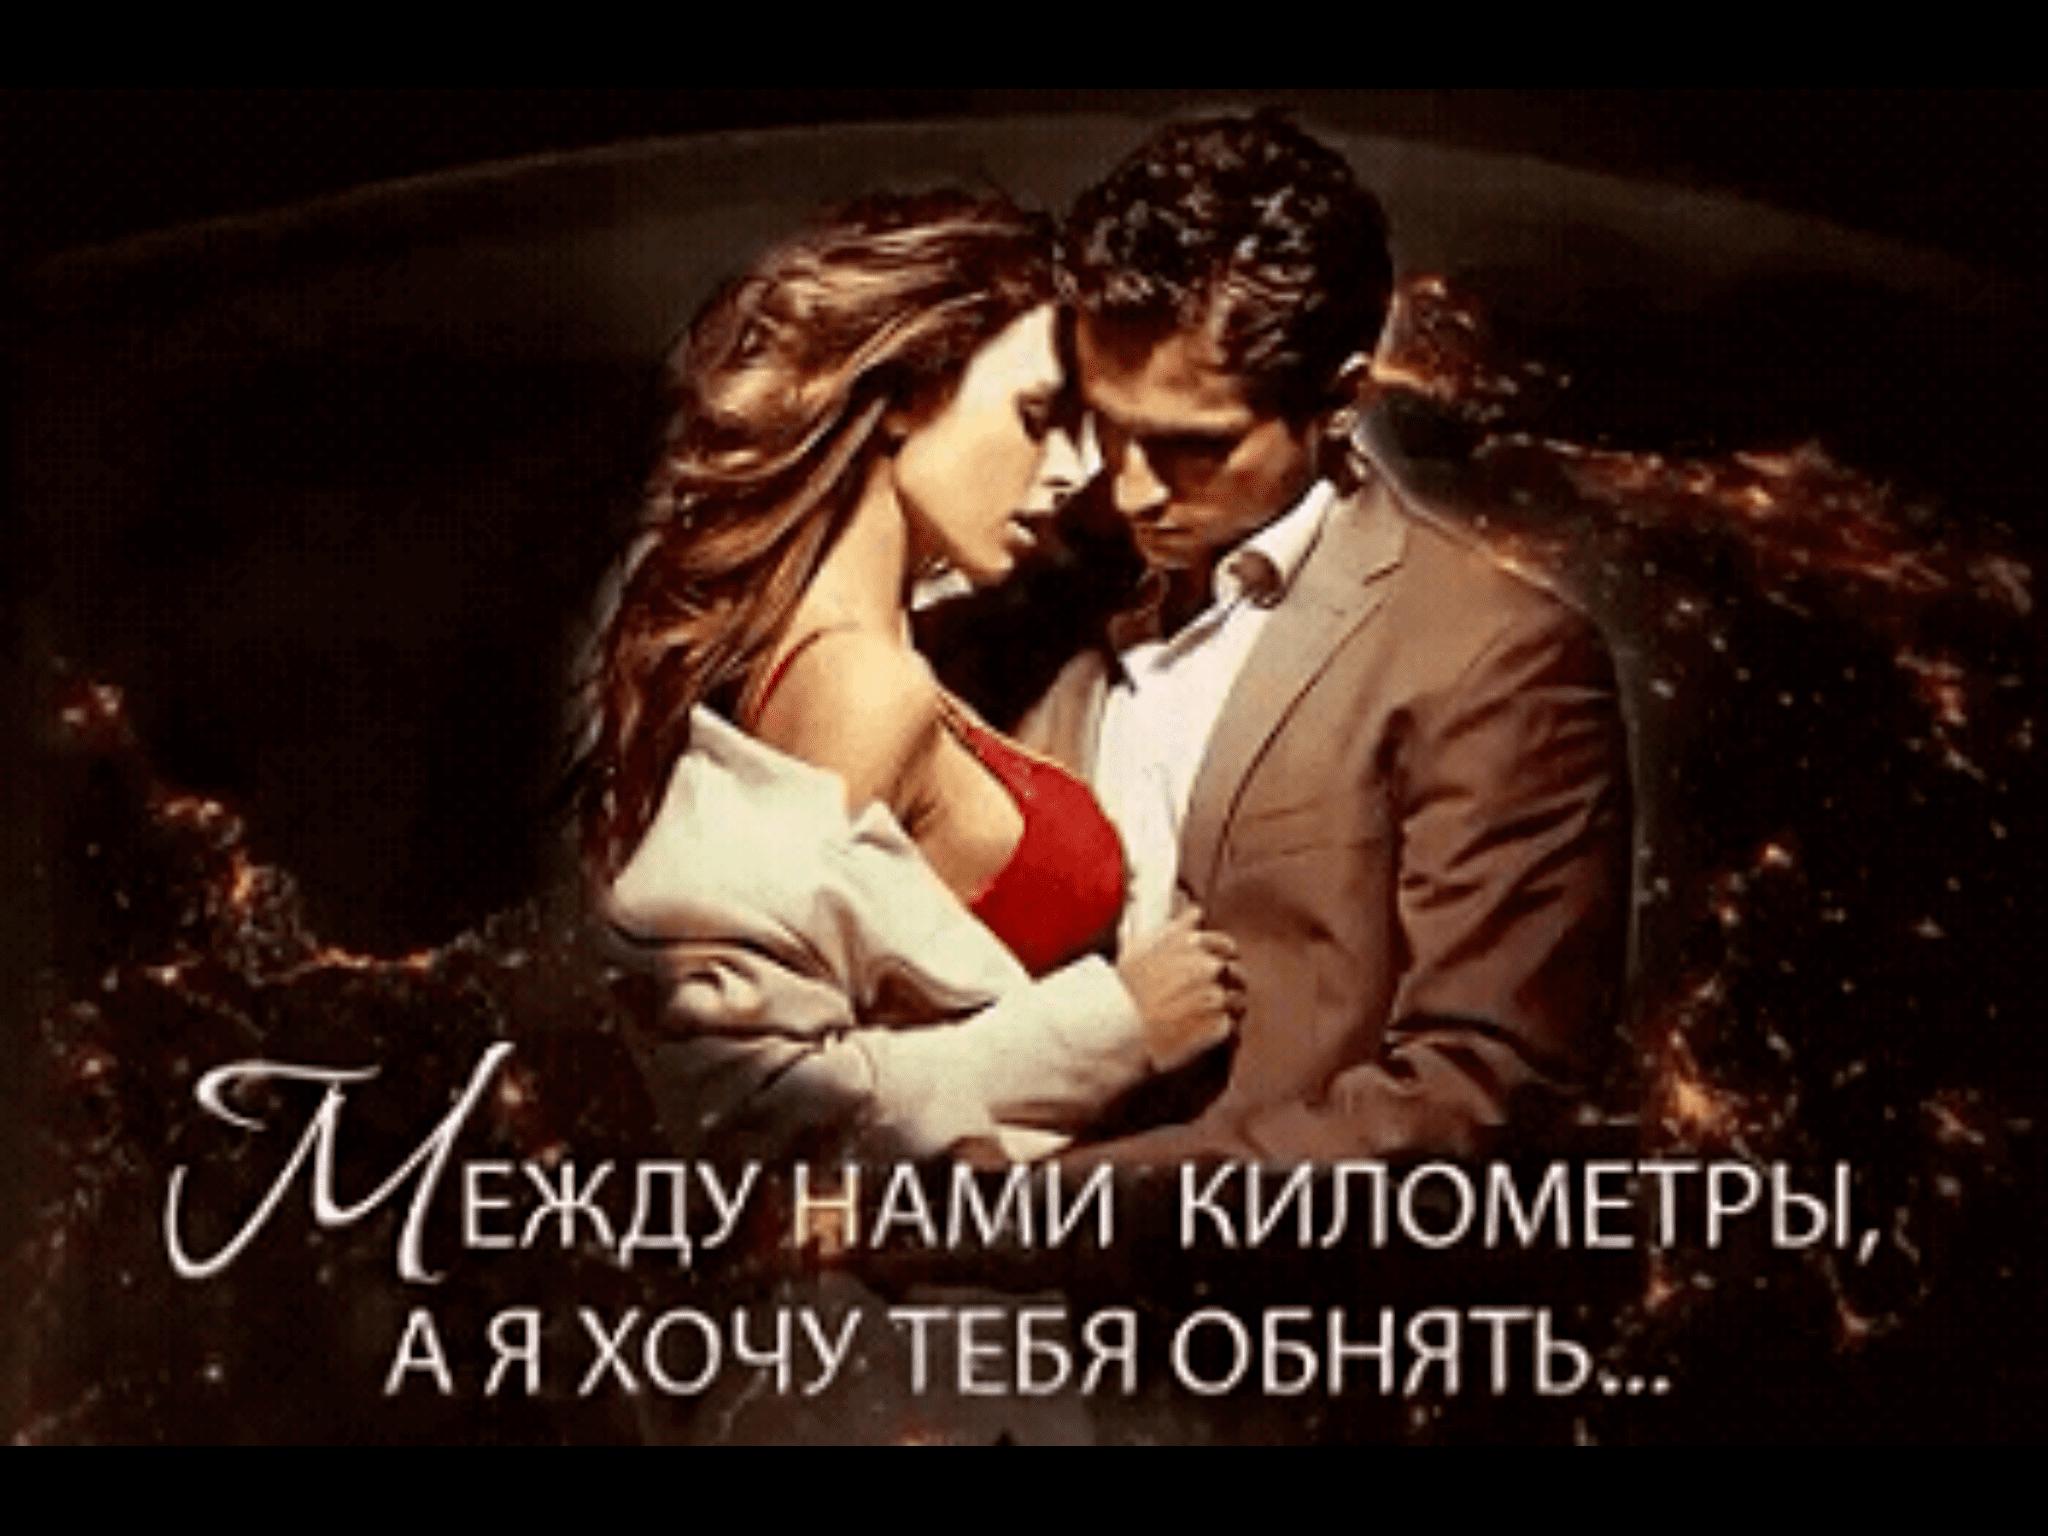 Хочу поцеловать тебя в картинках